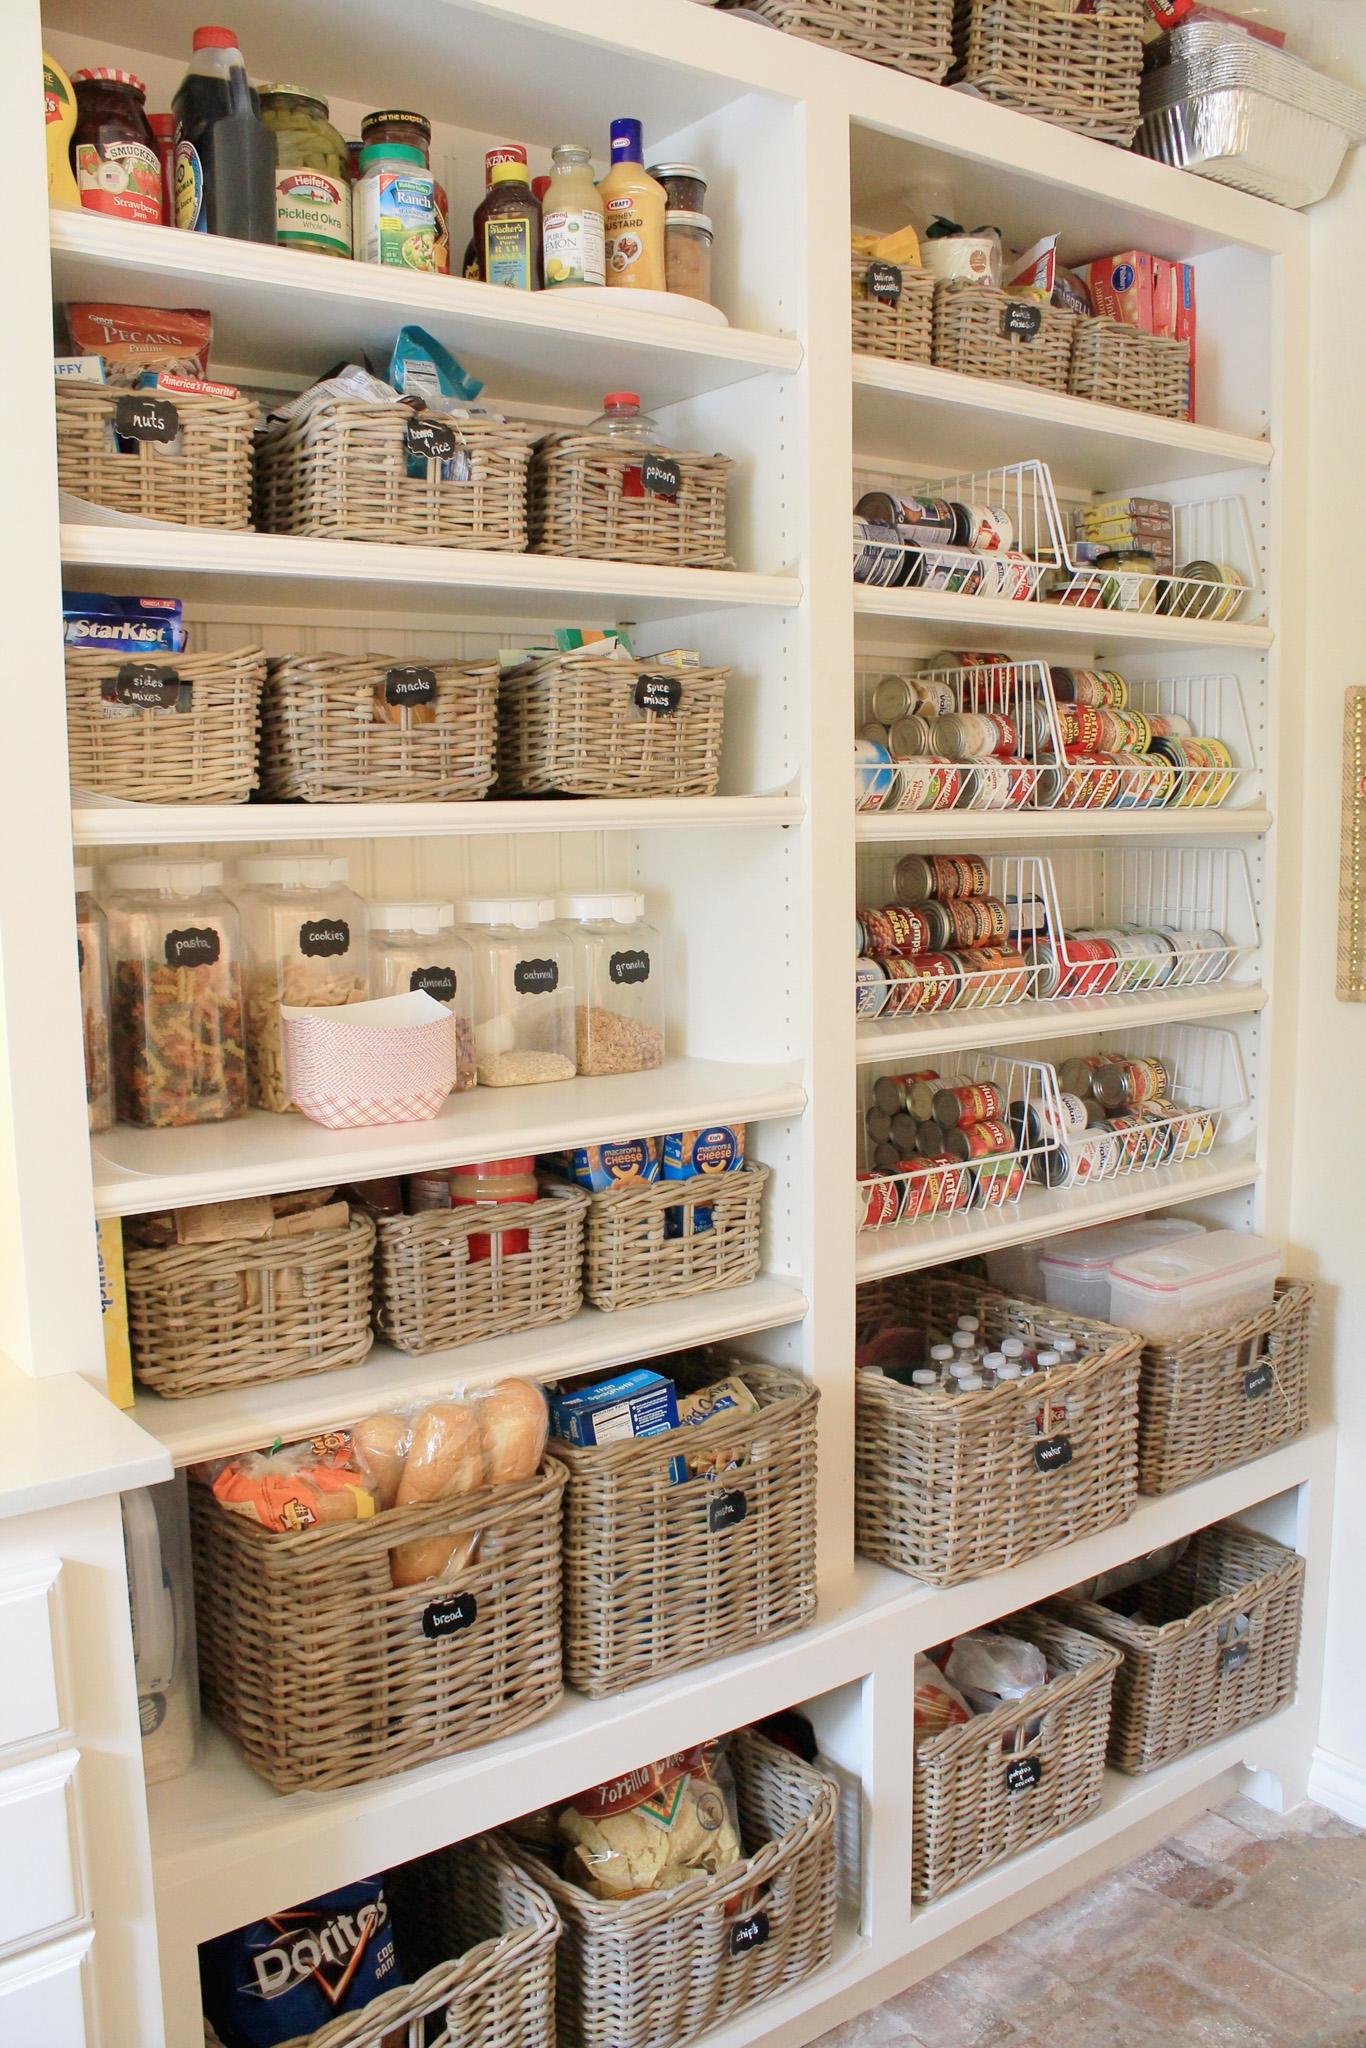 стеллажи для организации кладовой на кухне фото 2